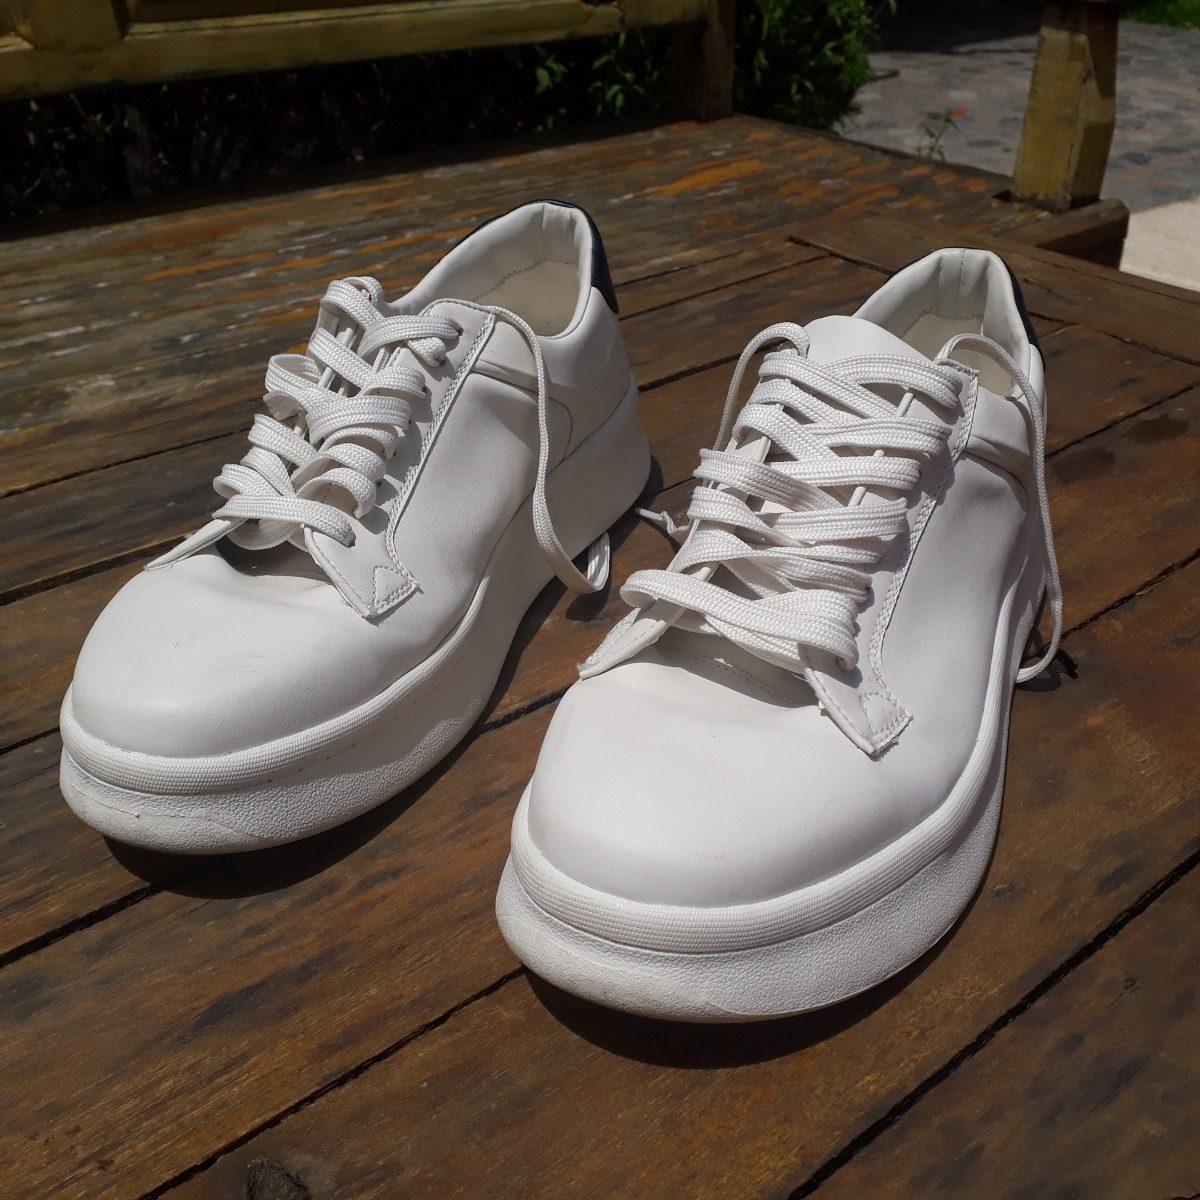 Zapatillas De Cuero Zara Hombre Original Talle 43 $ 3.300,00